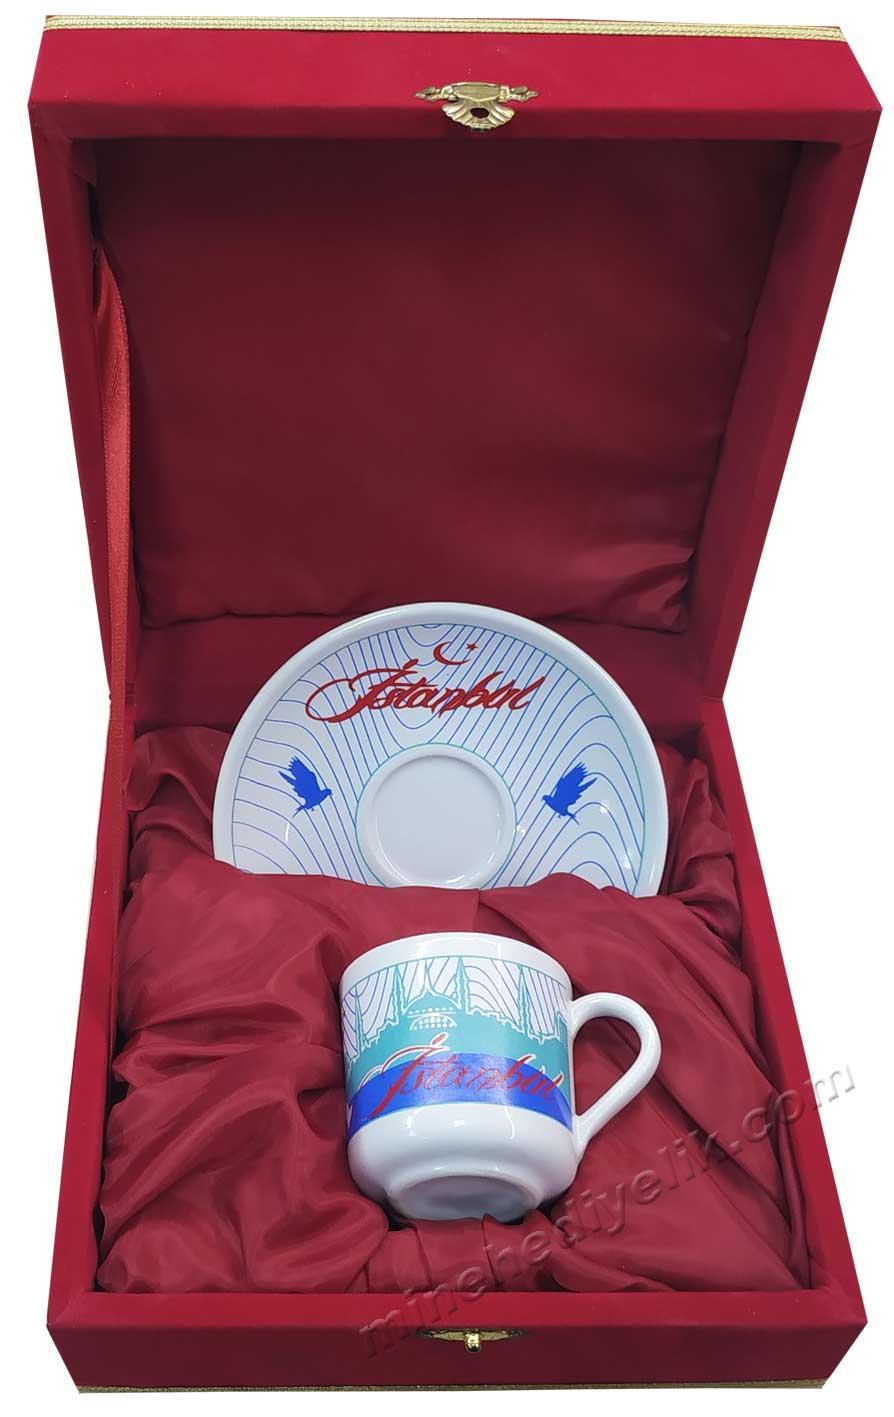 İstanbul görselli kurumsal hediyelikler kahve fincan takımları tek kişilik Hediyelik Kurumsal promosyon ürünleri Bir kişilik Kutulu Dekoratif Türk Kahvesi Fincan Setleri